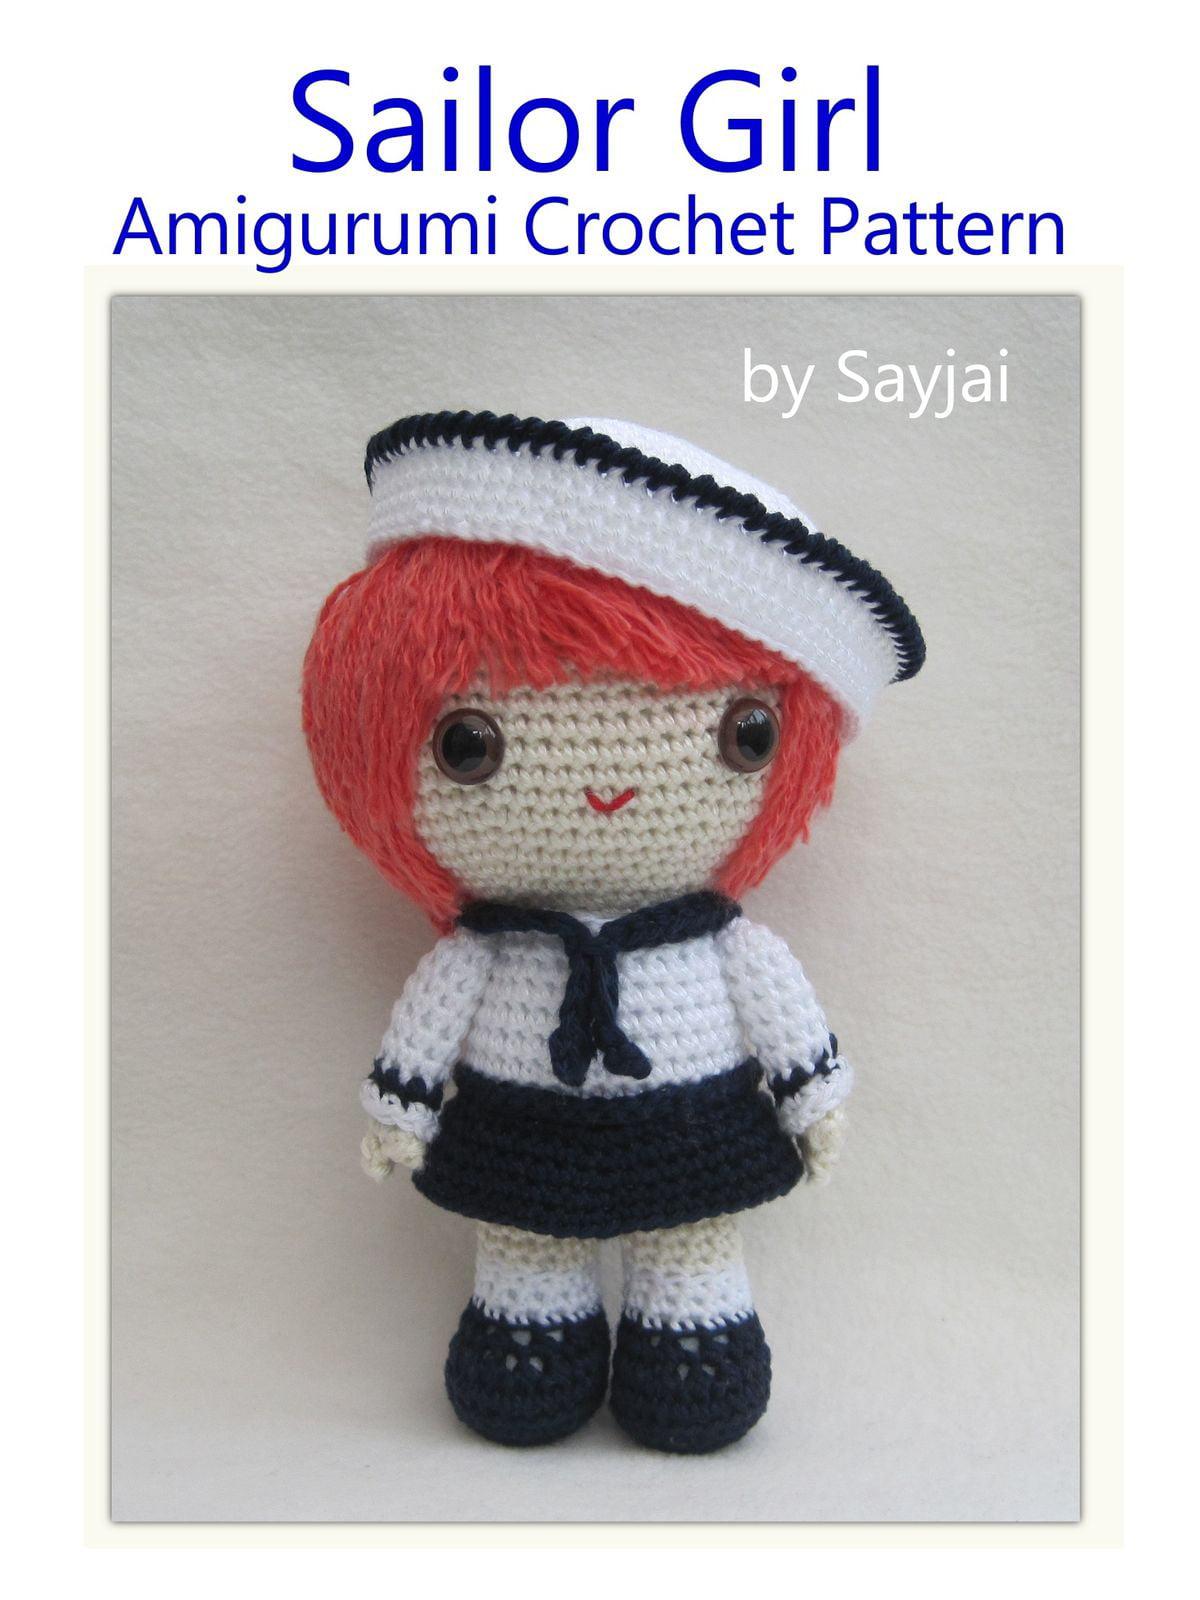 40 Free Crochet Stitches | Crochet stitches tutorial, Crochet ... | 1600x1200